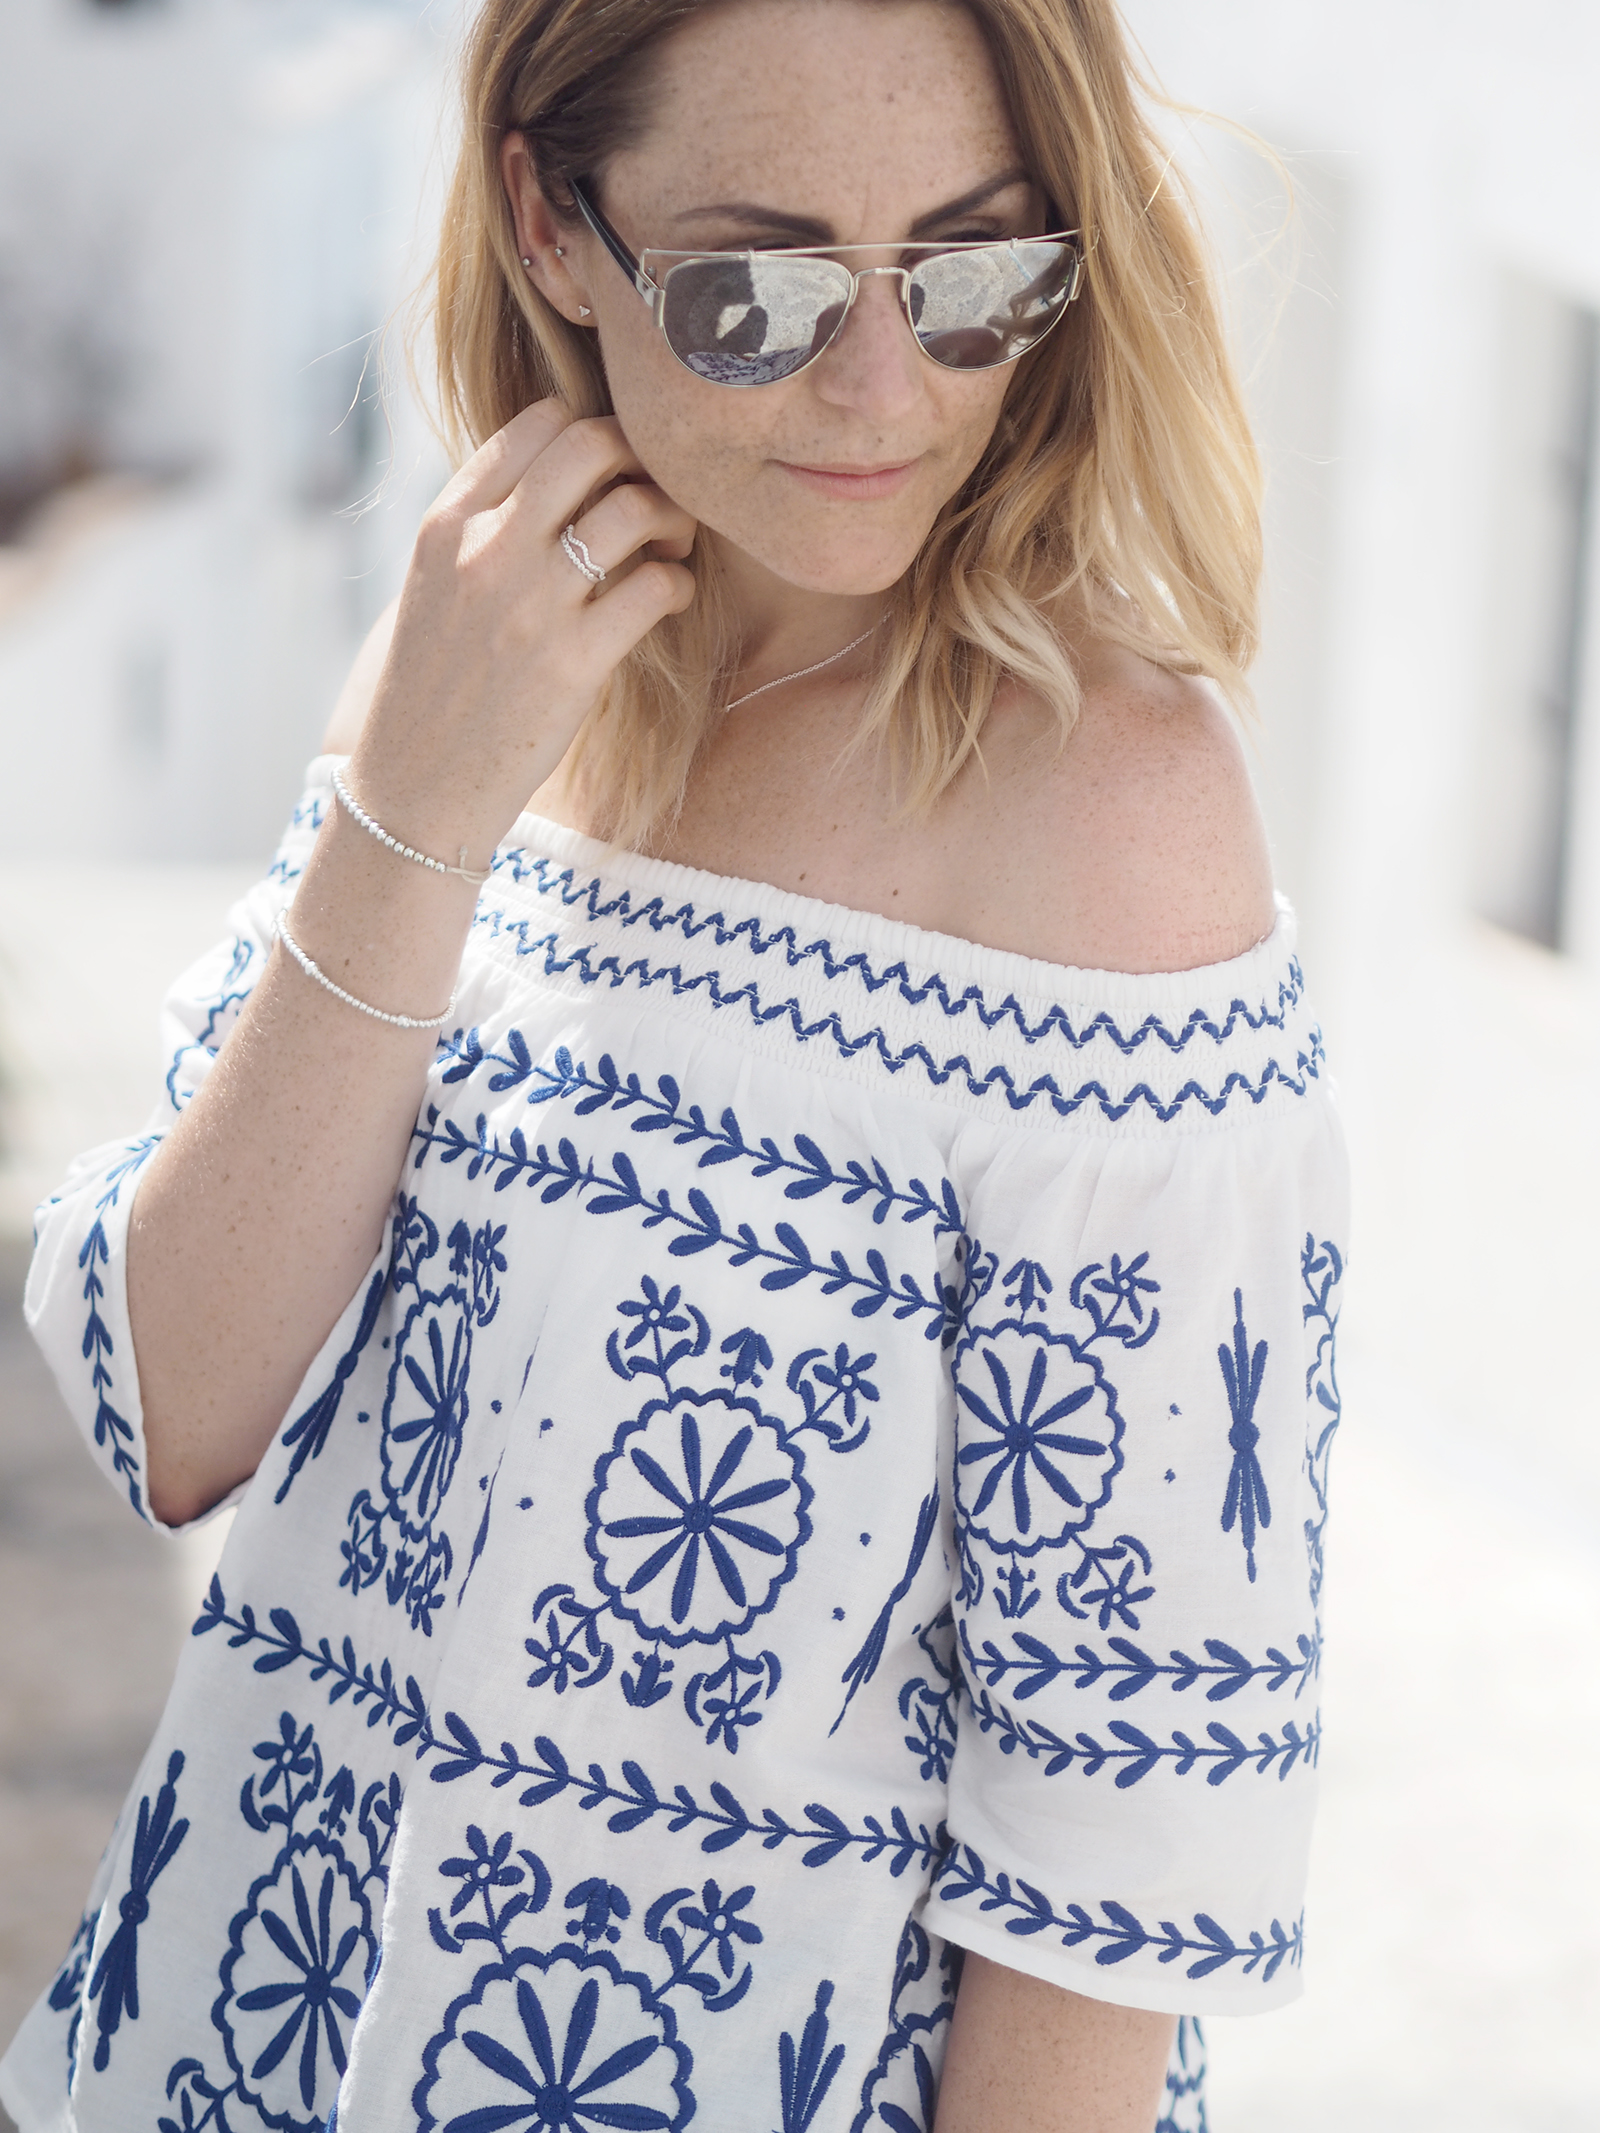 bardot embroidered top